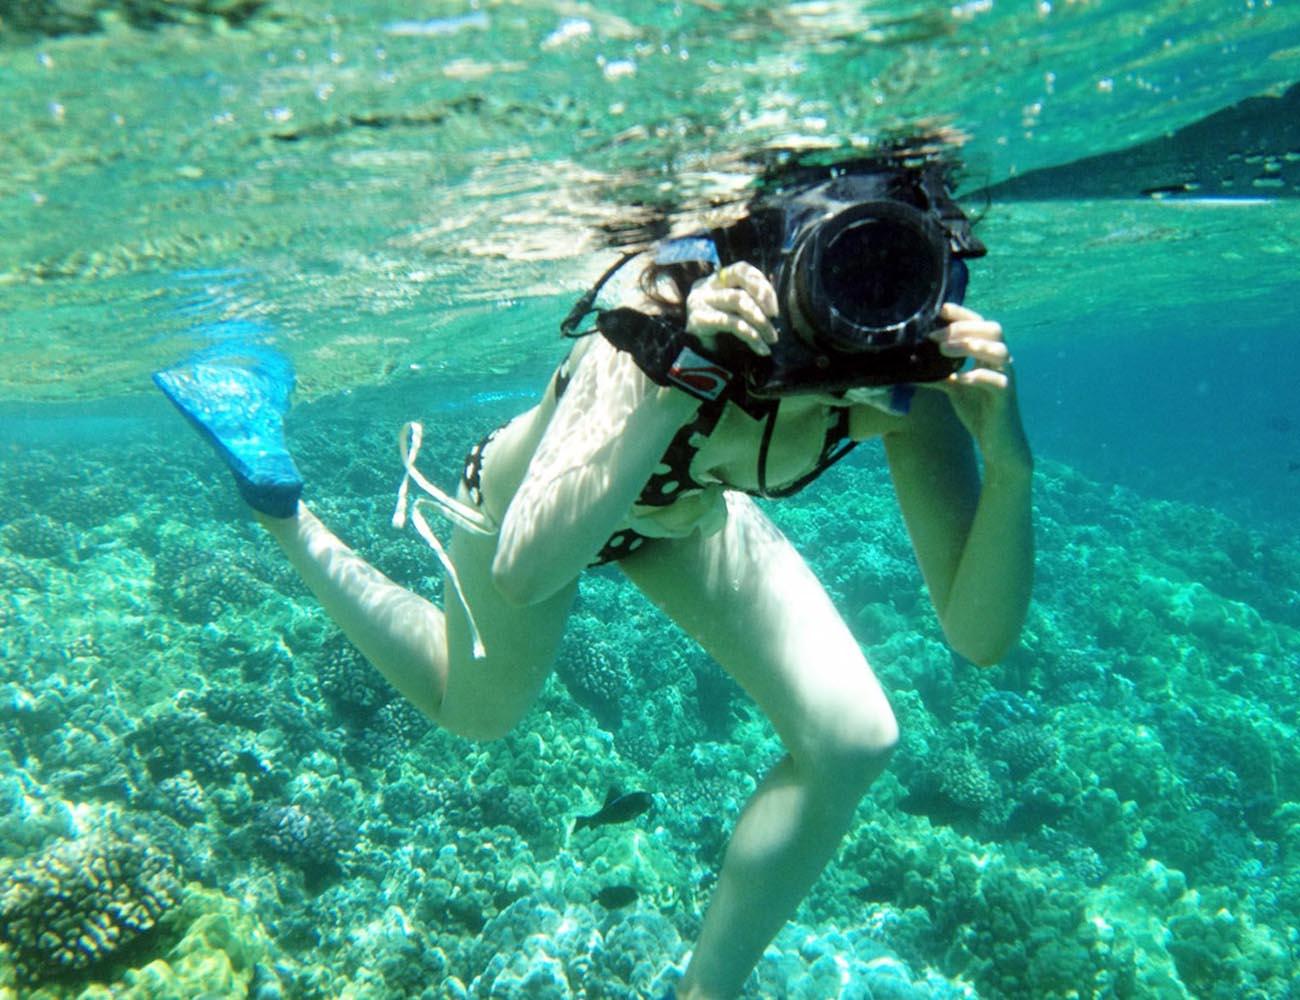 WPS10+Waterproof+Camera+Case+By+DiCAPac